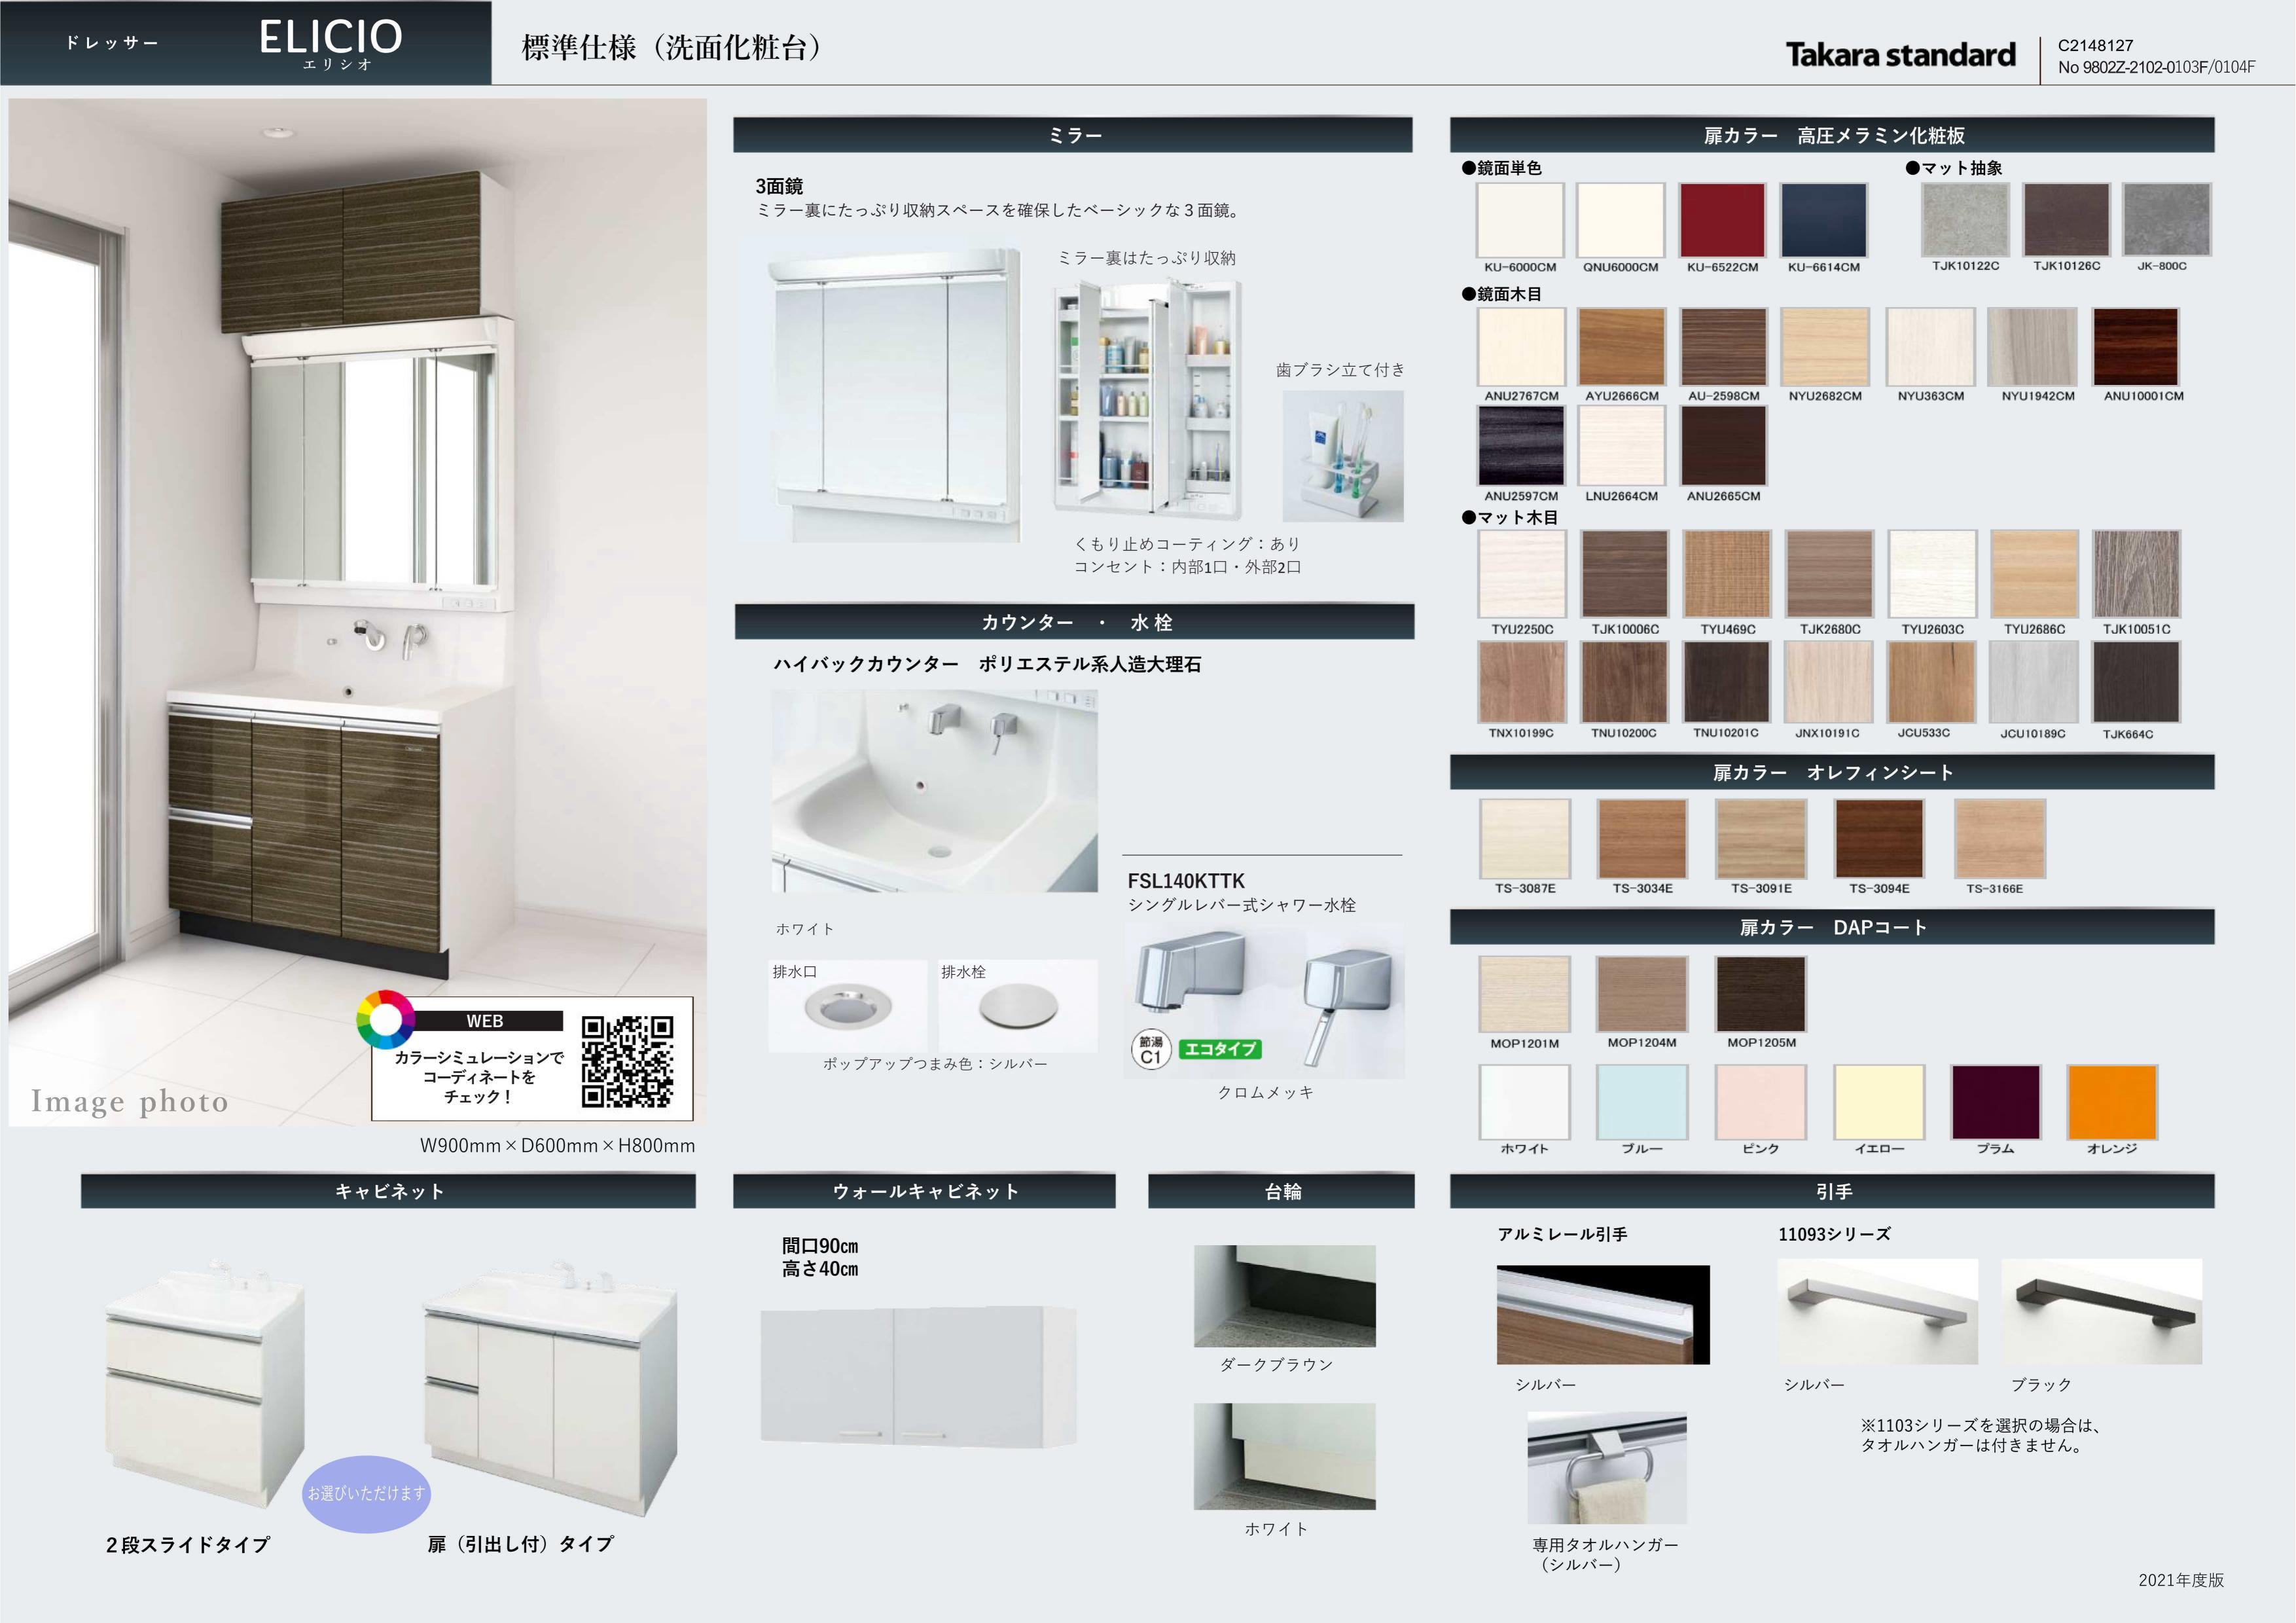 洗面化粧台標準仕様 エリシオ W=900mm ボウル高さ80㎝